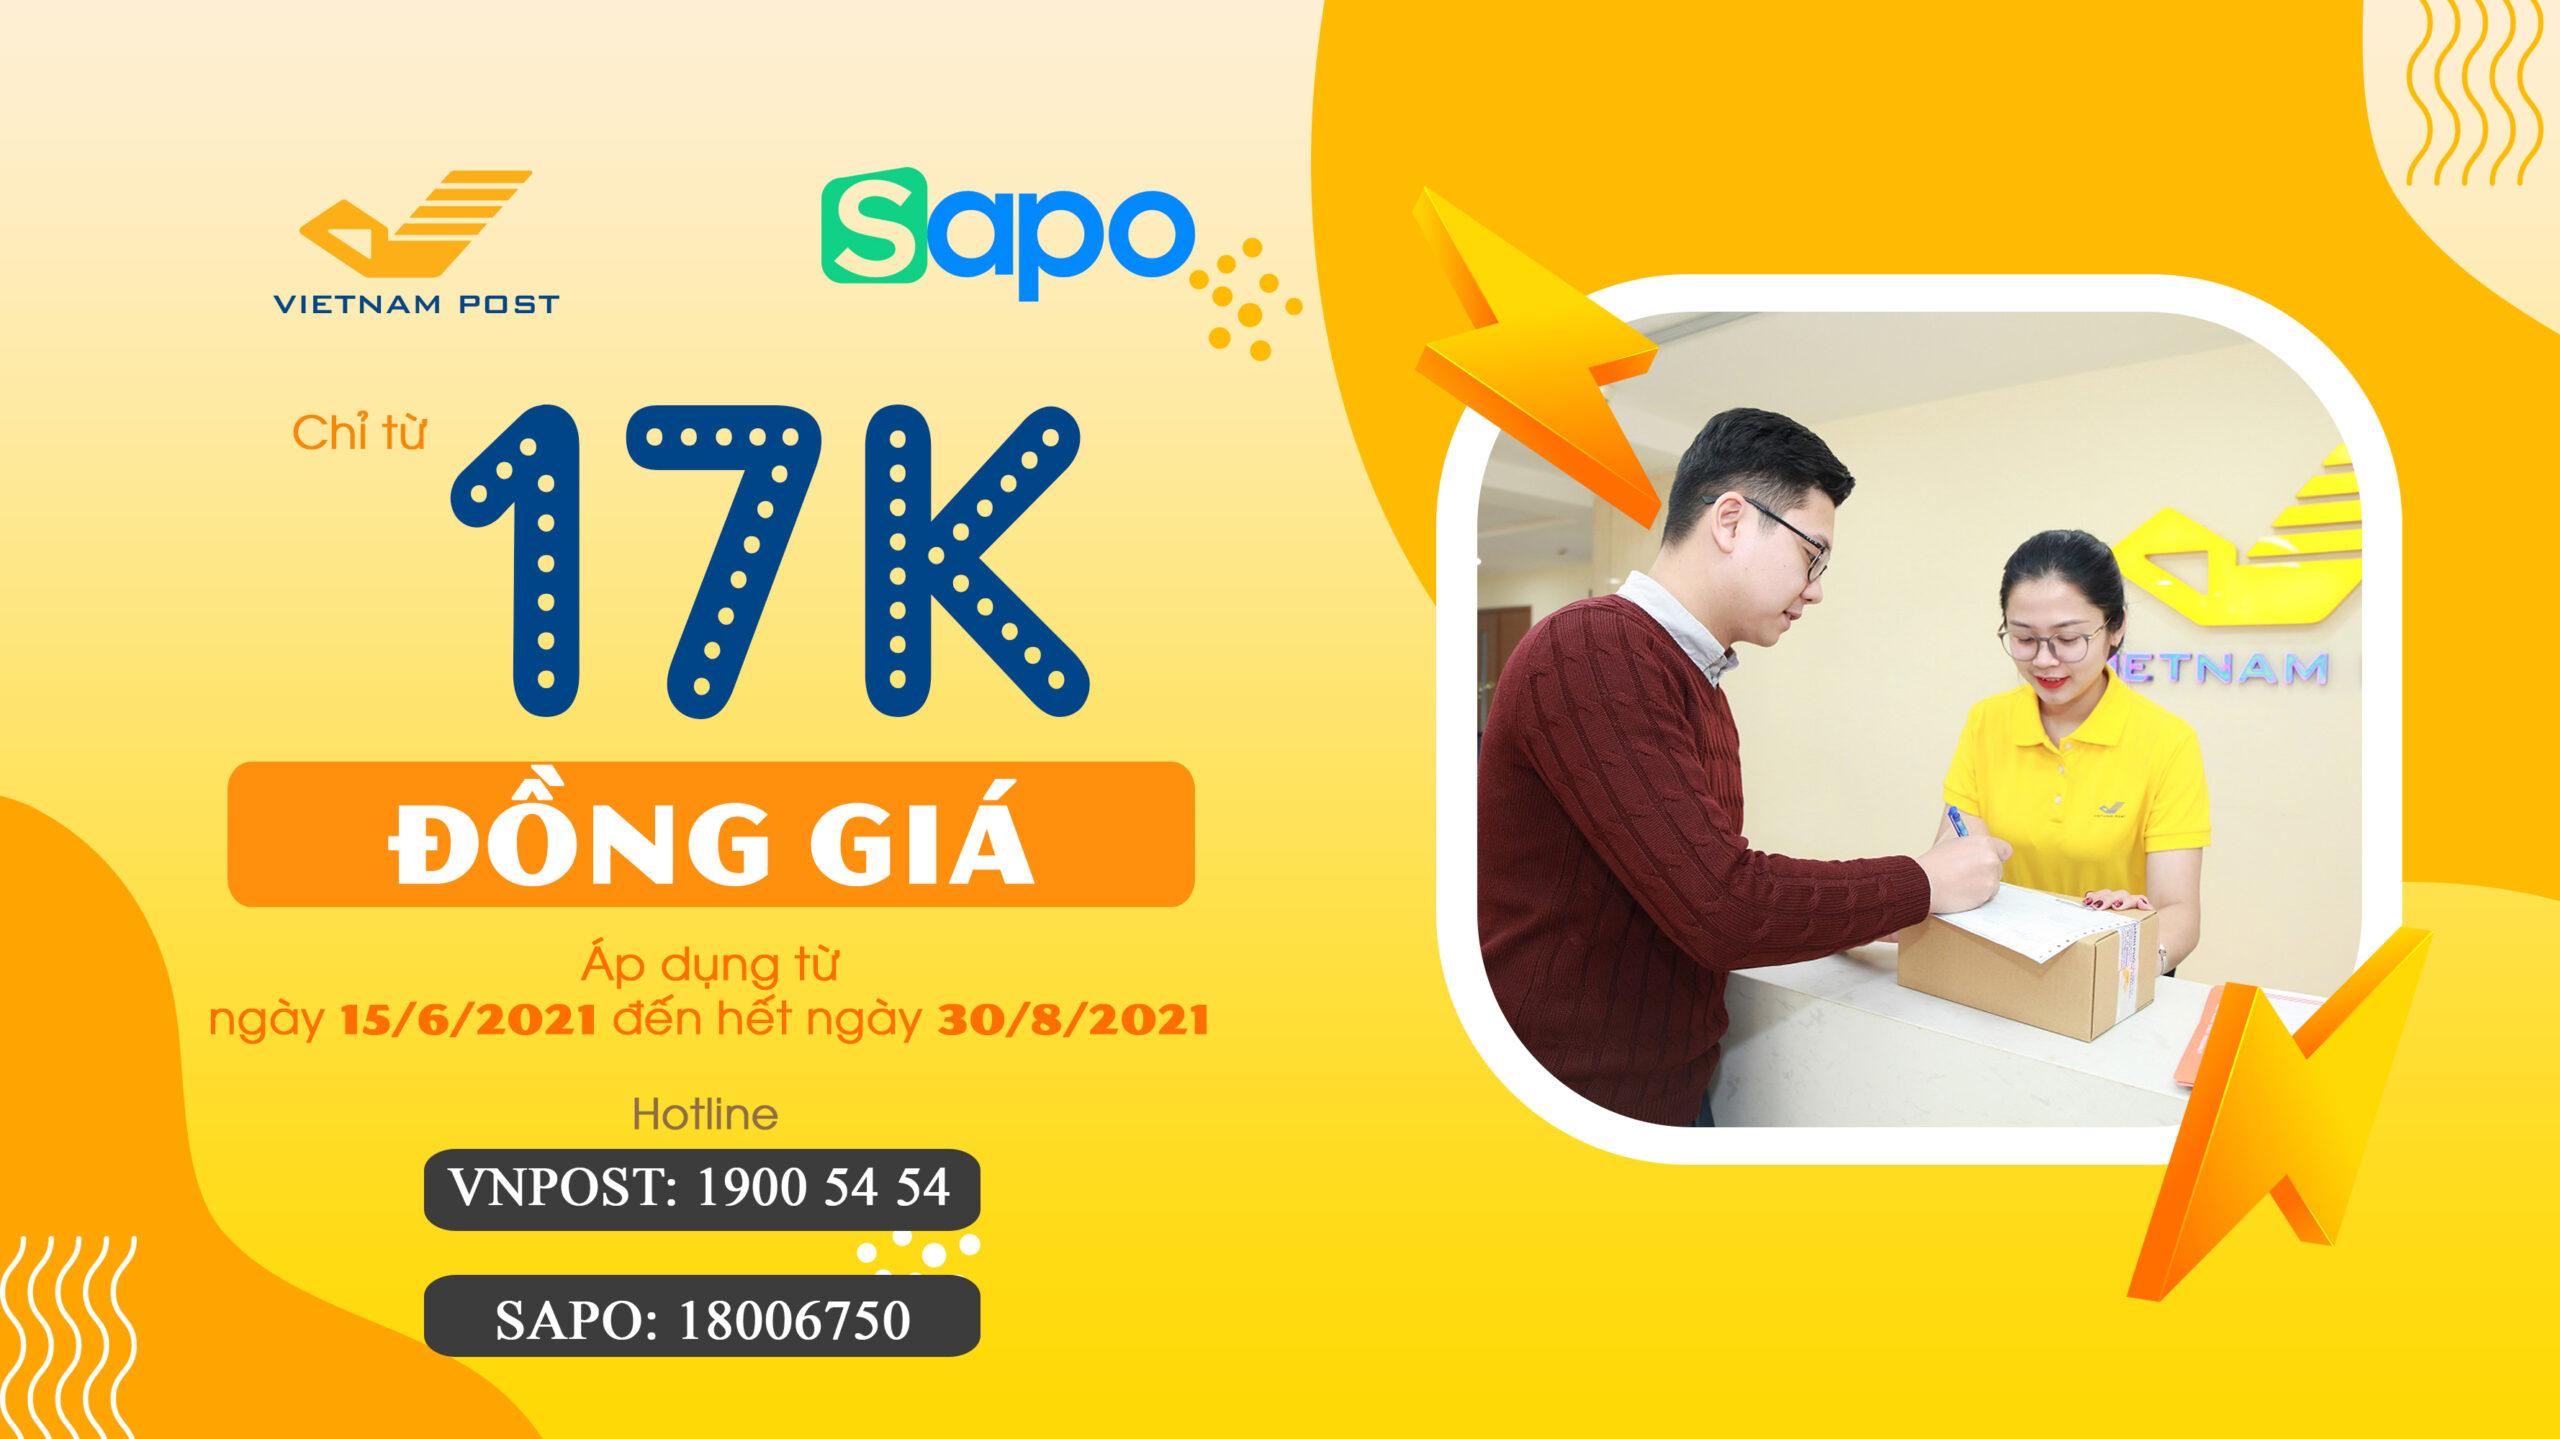 VIETNAM POST x SAPO – Deal đồng giá Hot nhất Tháng 6